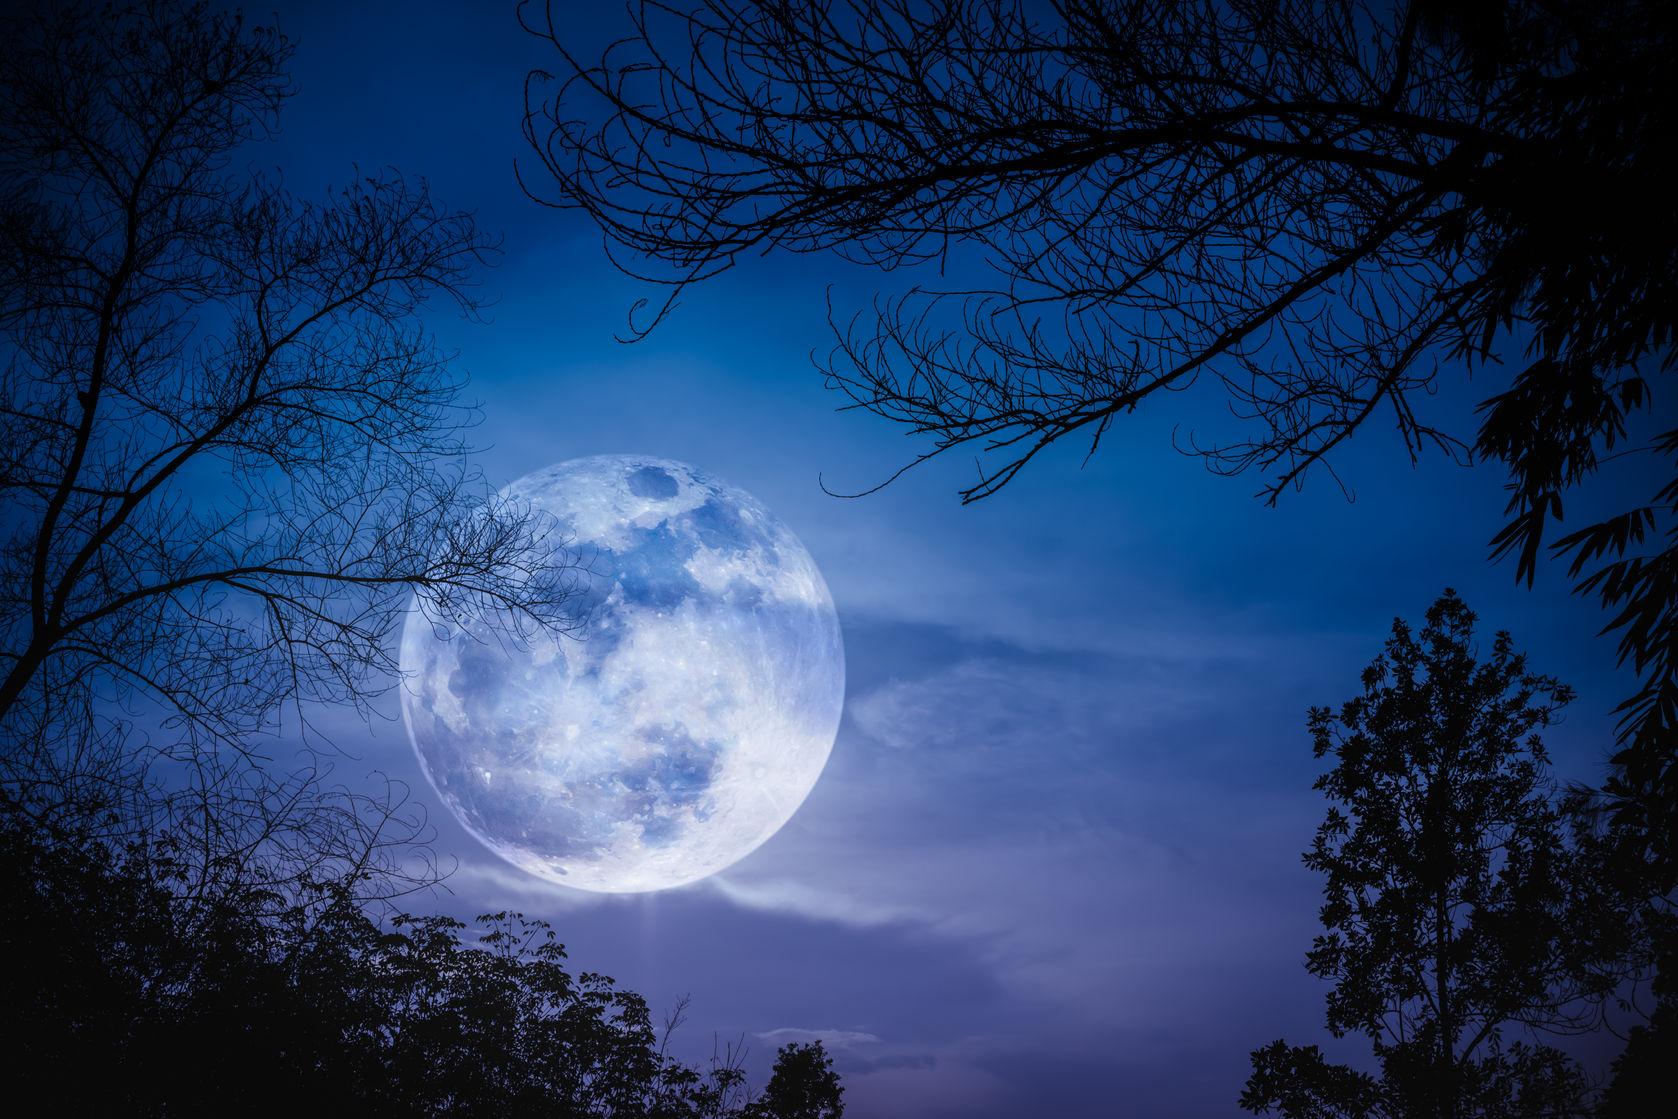 superluna noche - 123rf